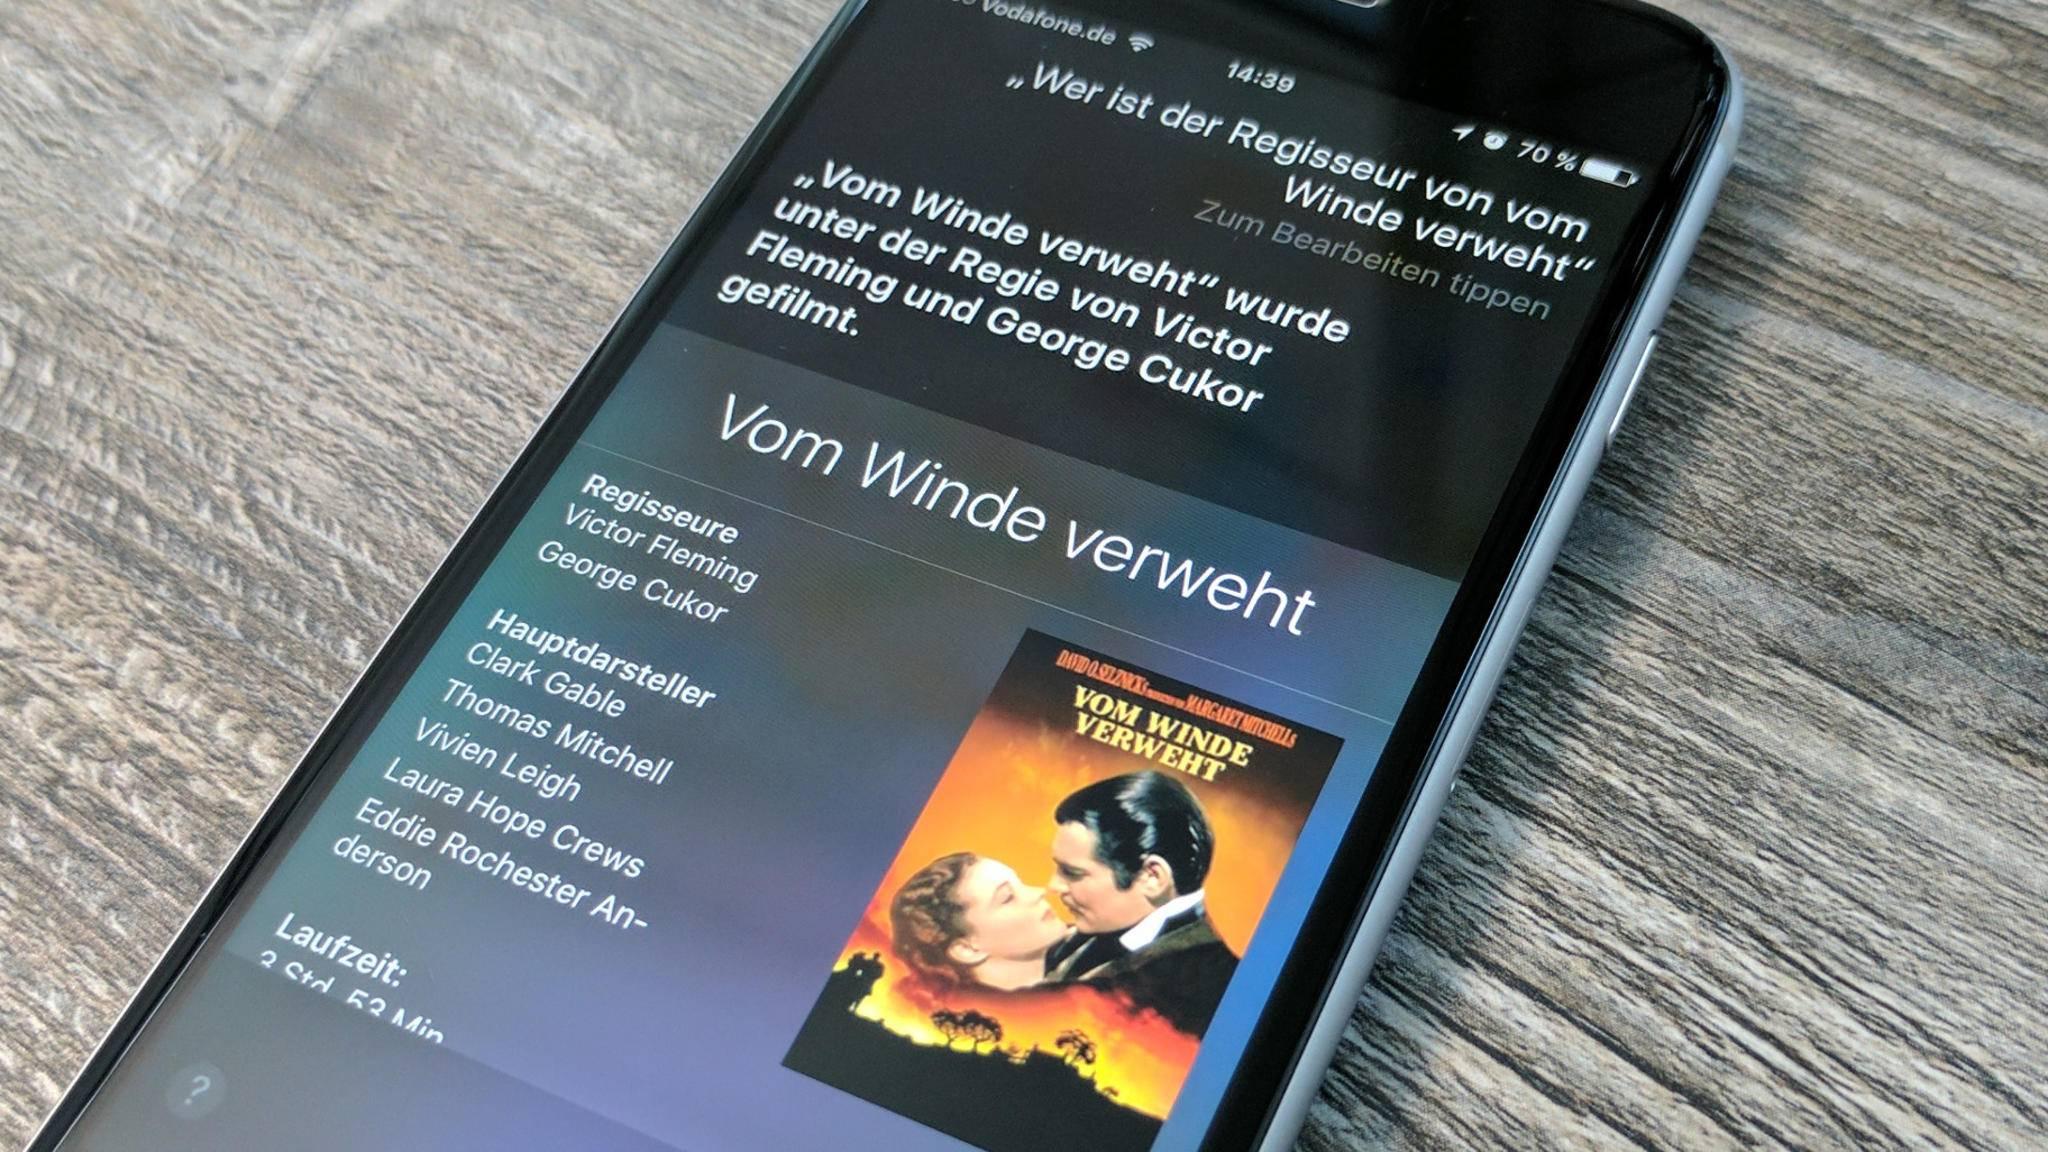 Siri kennt zwar nur die bekanntesten Filme, für eine Auskunft ist sie aber immer gut.